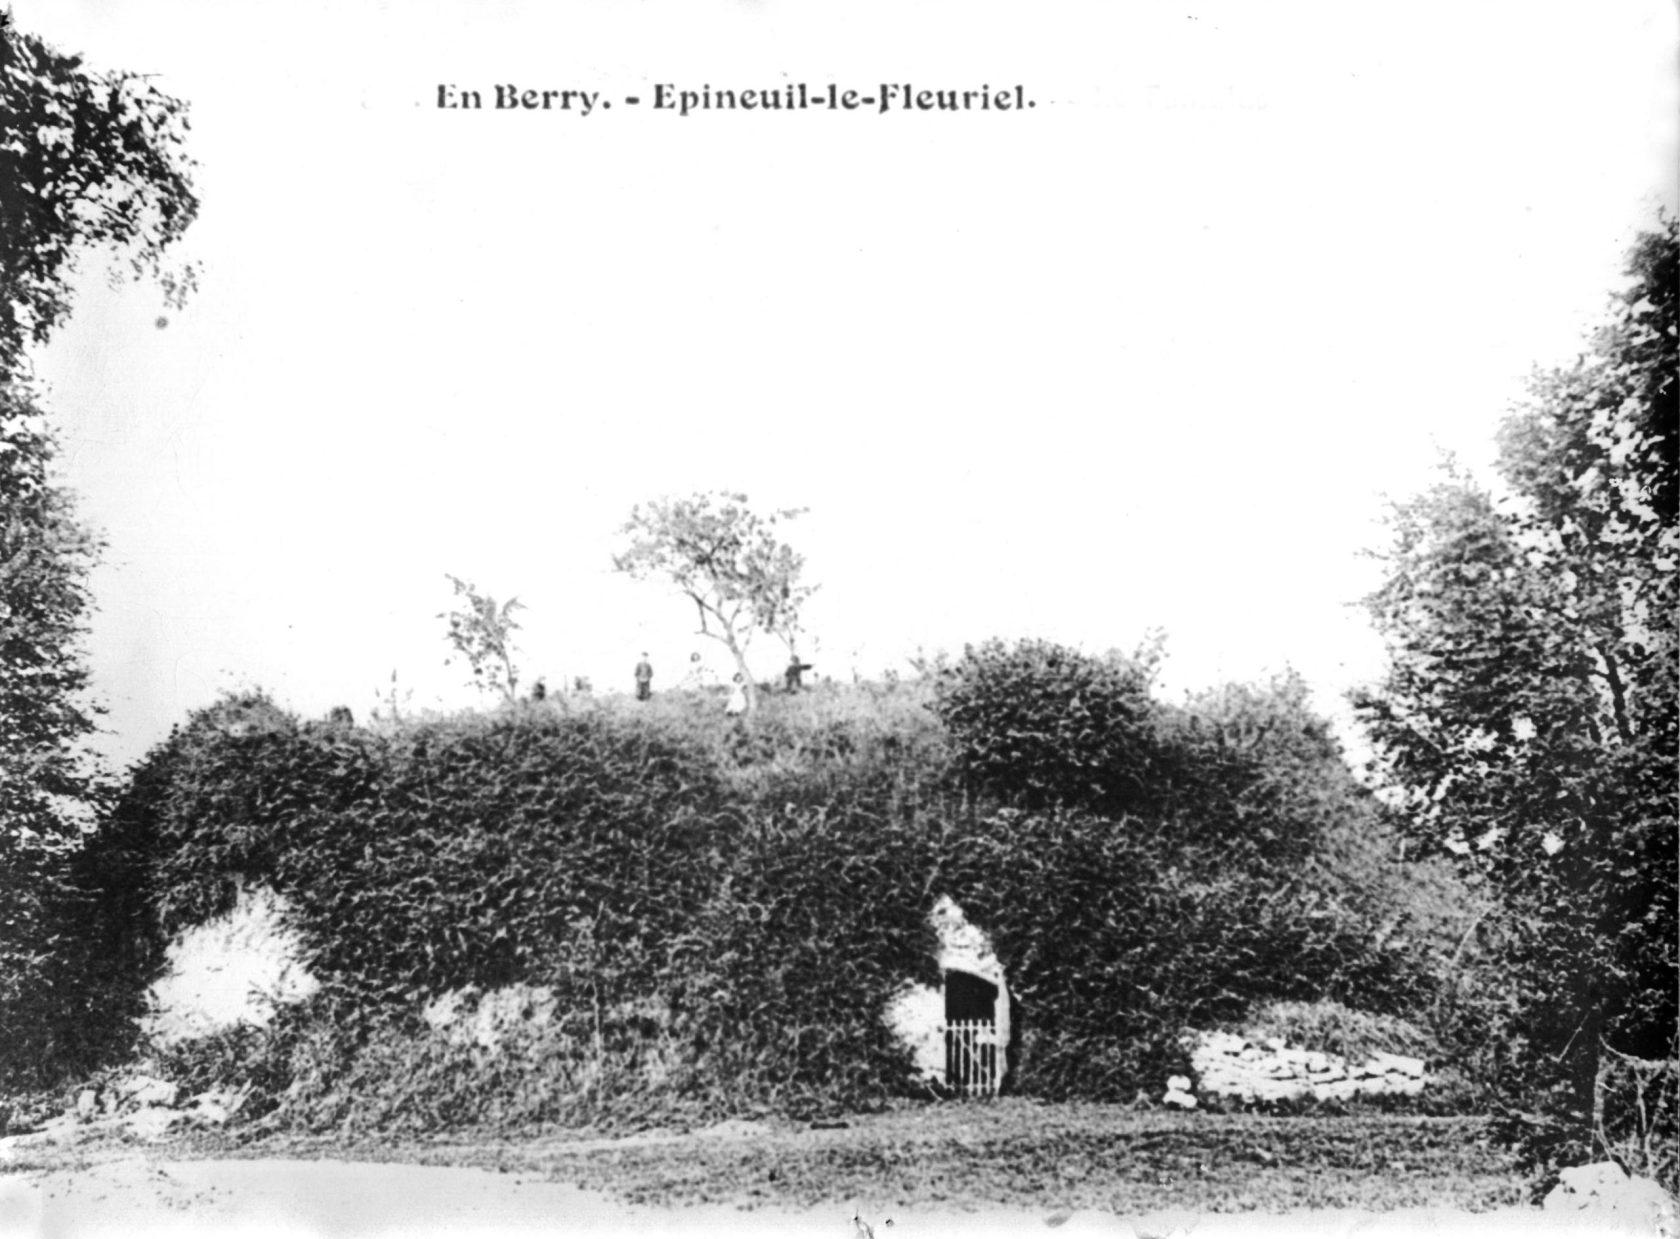 Motte castrale d'Epineuil-le-Fleuriel